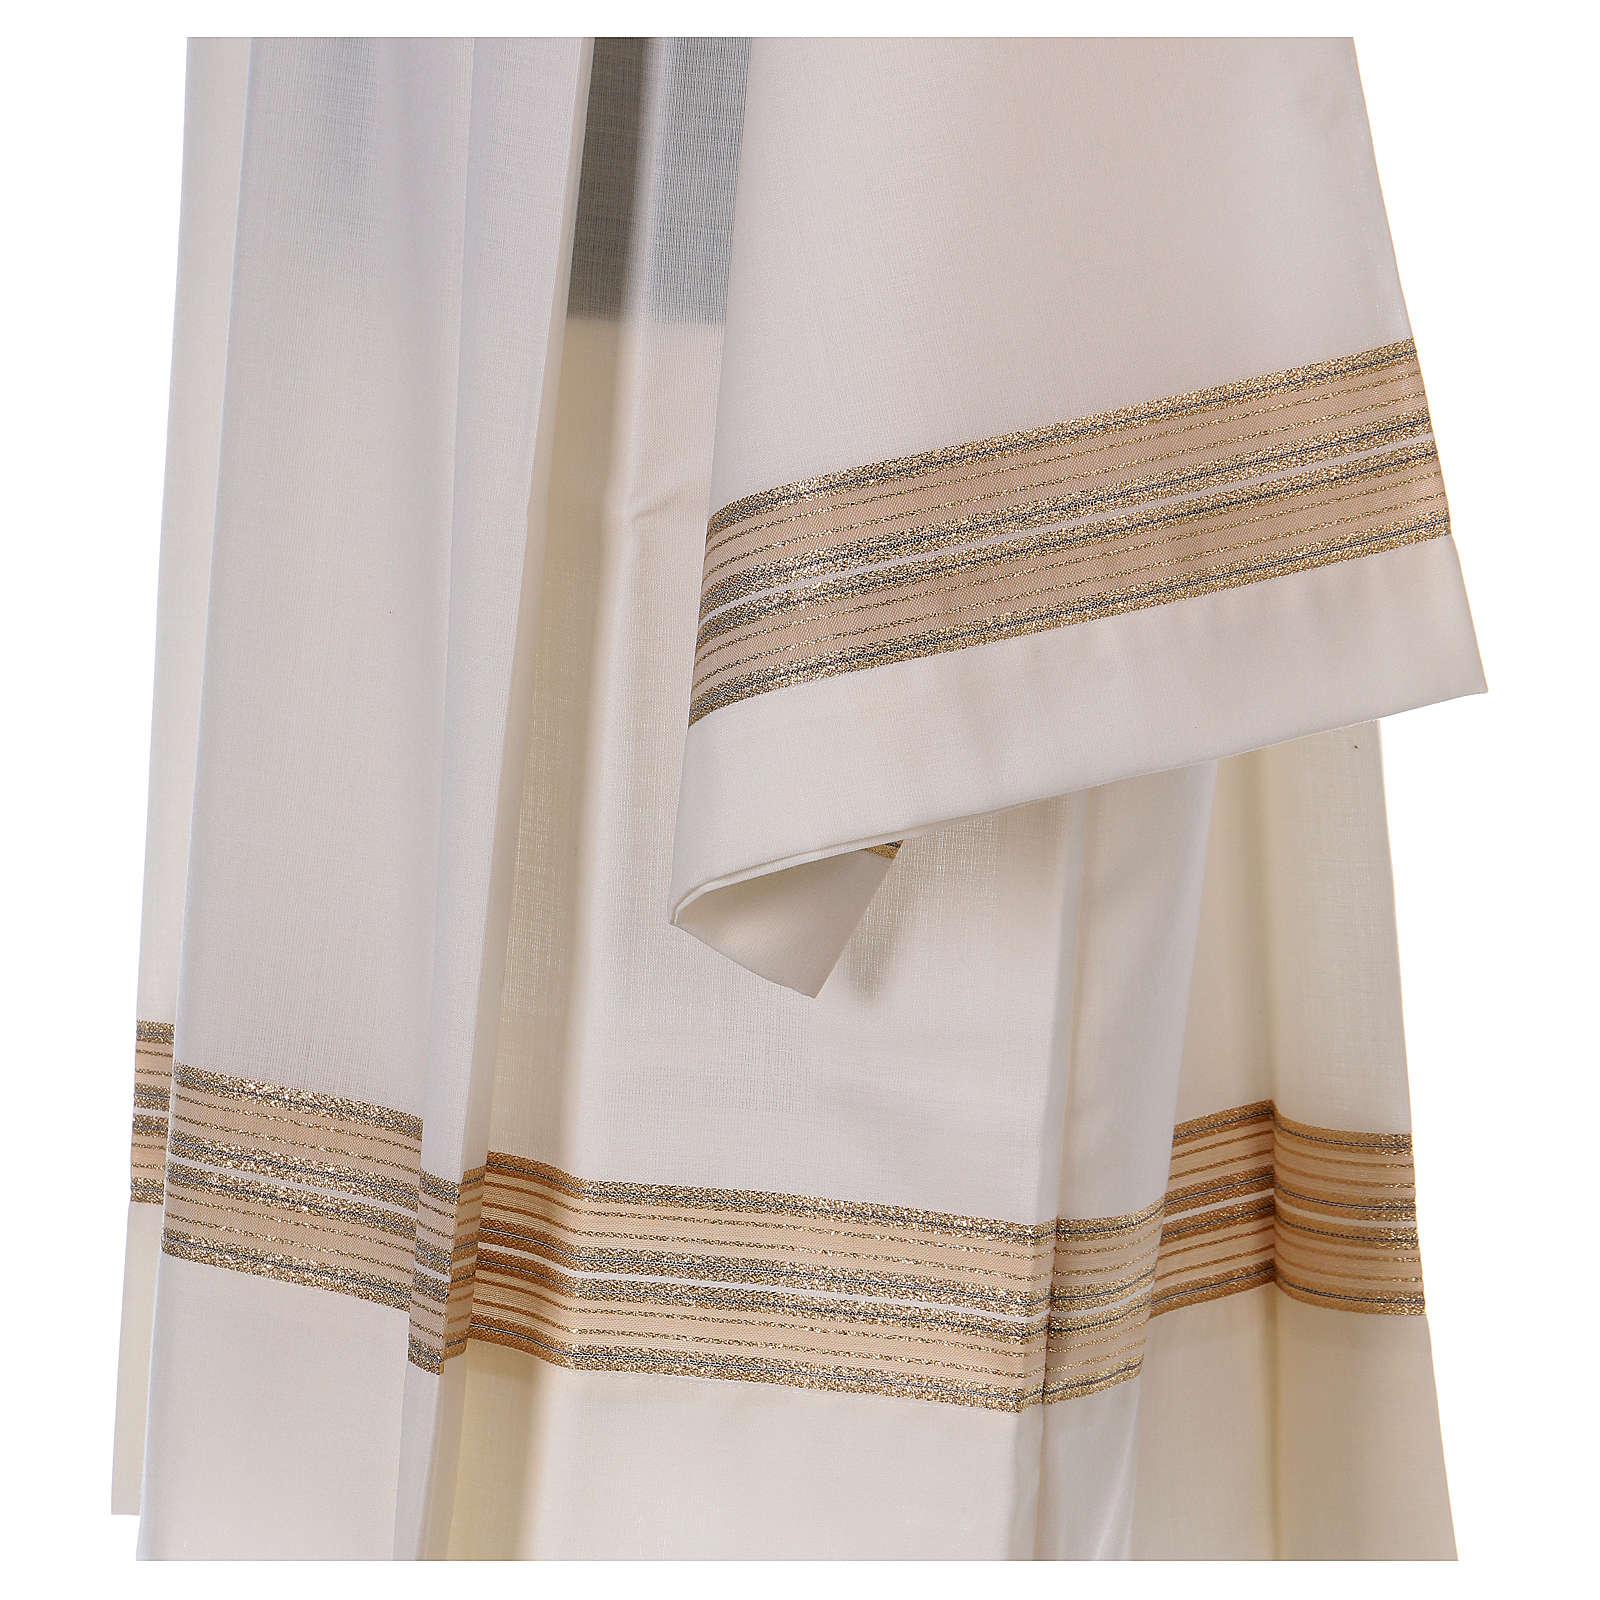 Cotta avorio 55% poliestere 45% lana doppio ritorto stoffa trama 4